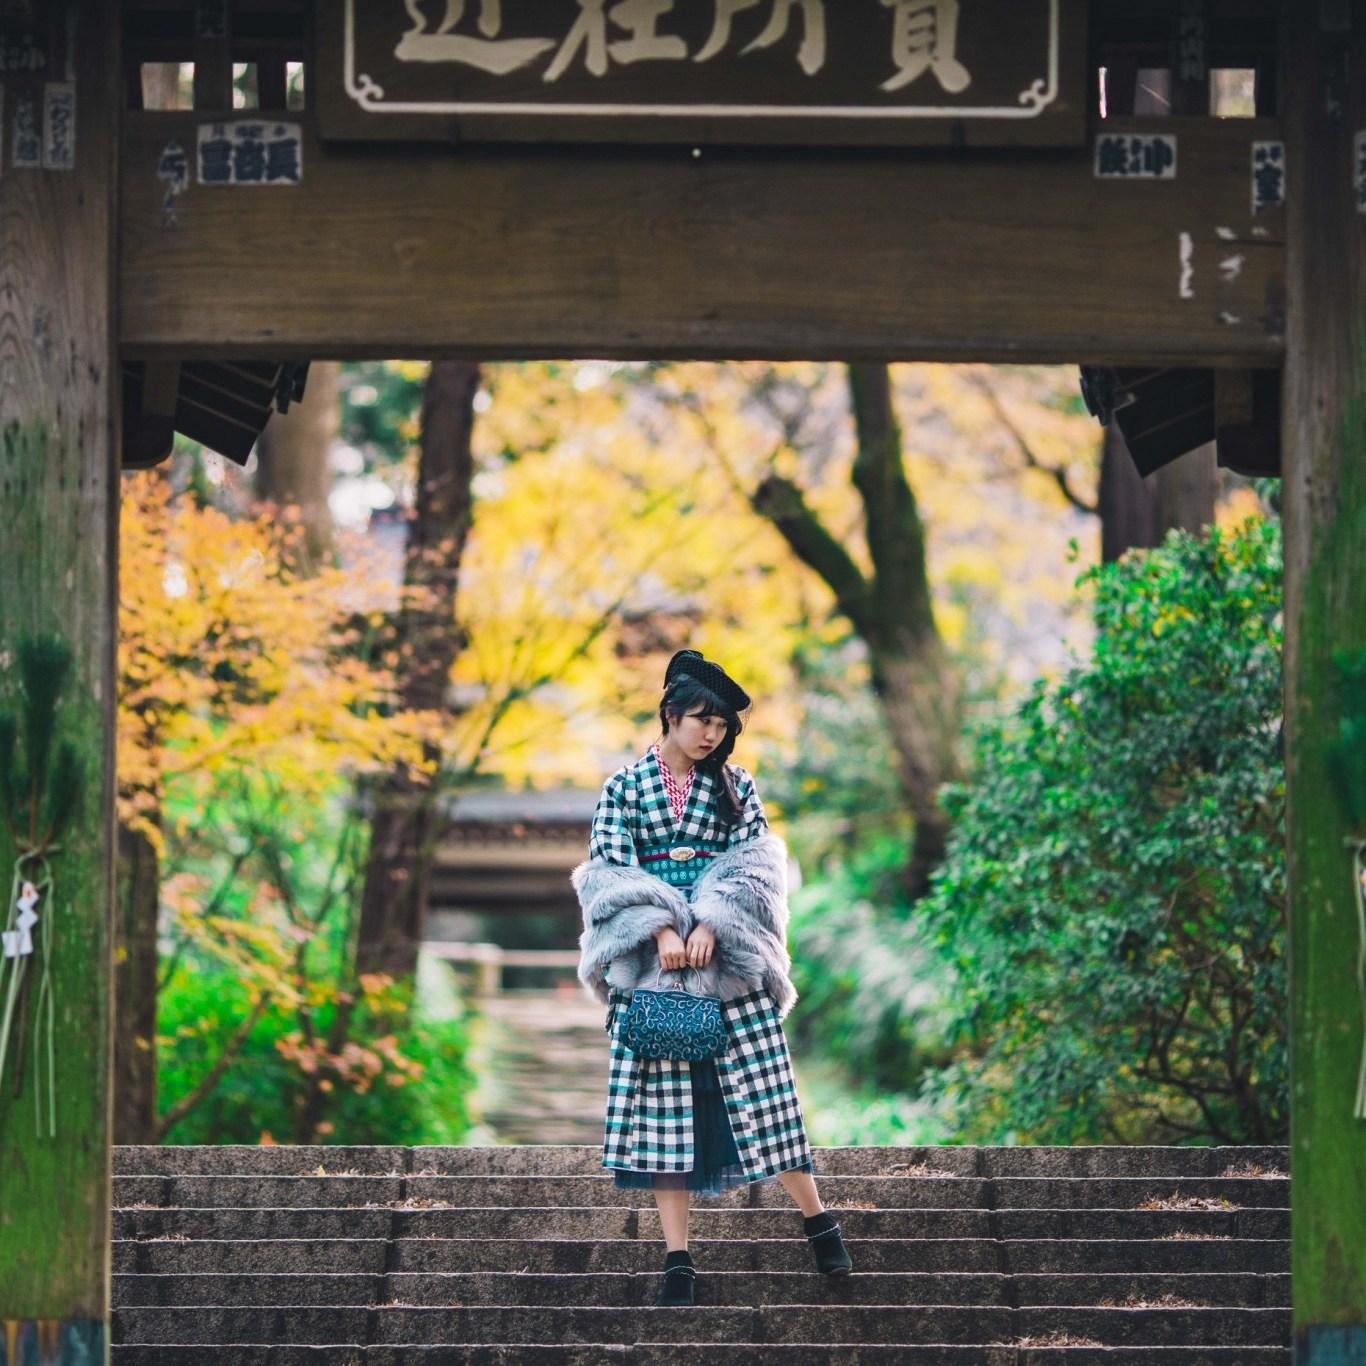 鎌倉花のん ドゥパニエ 冬